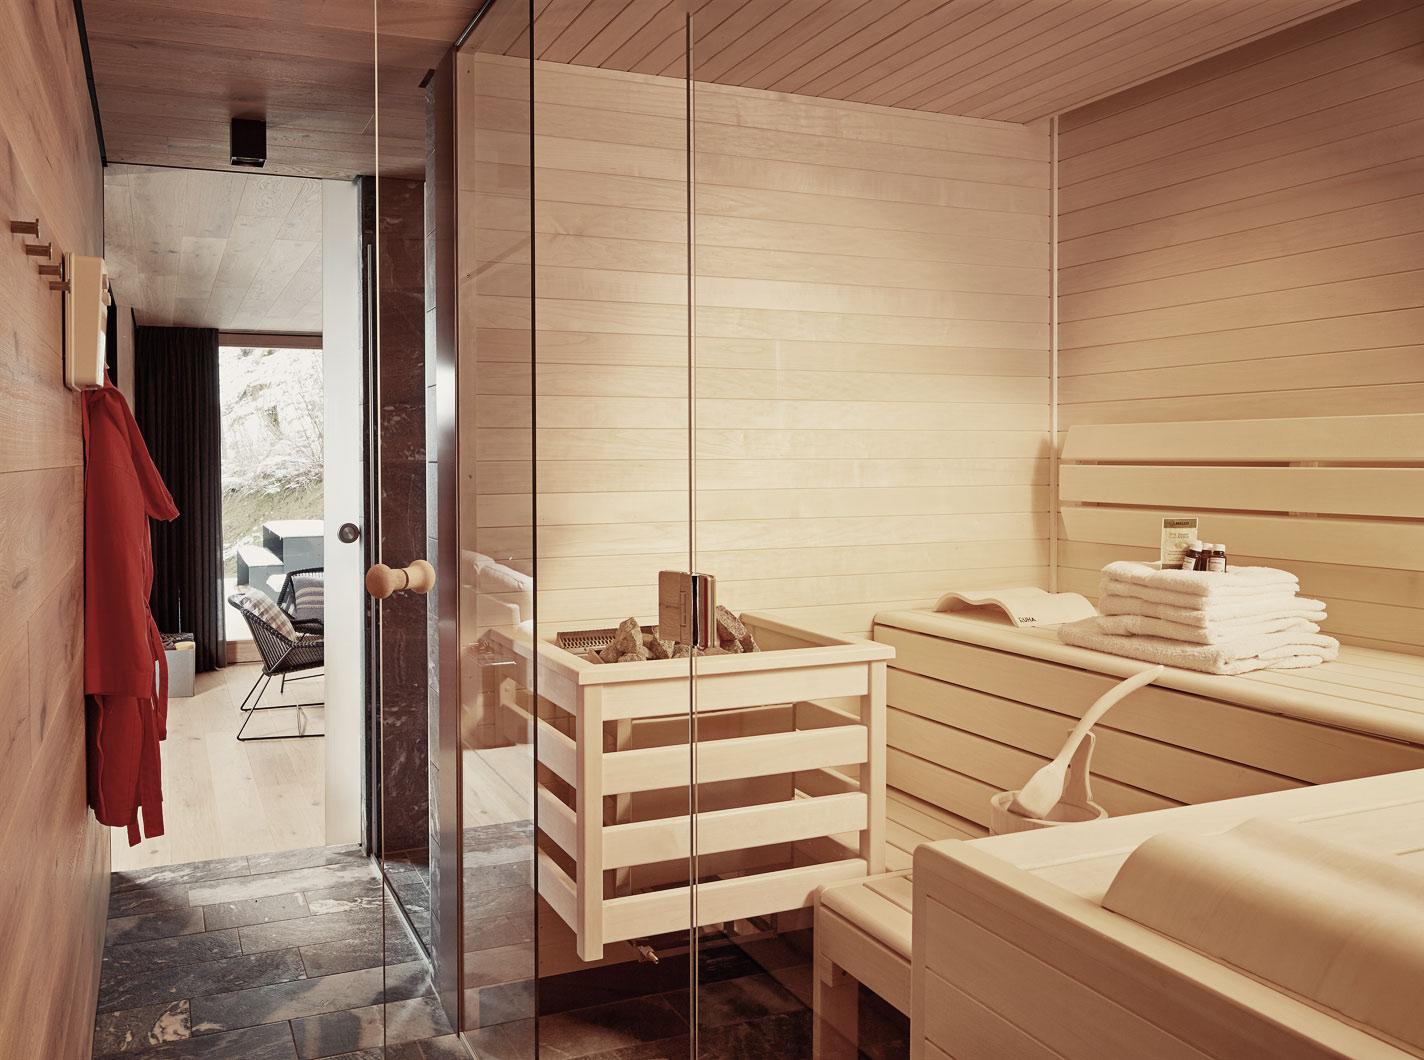 aufdaleitn-sauna@2